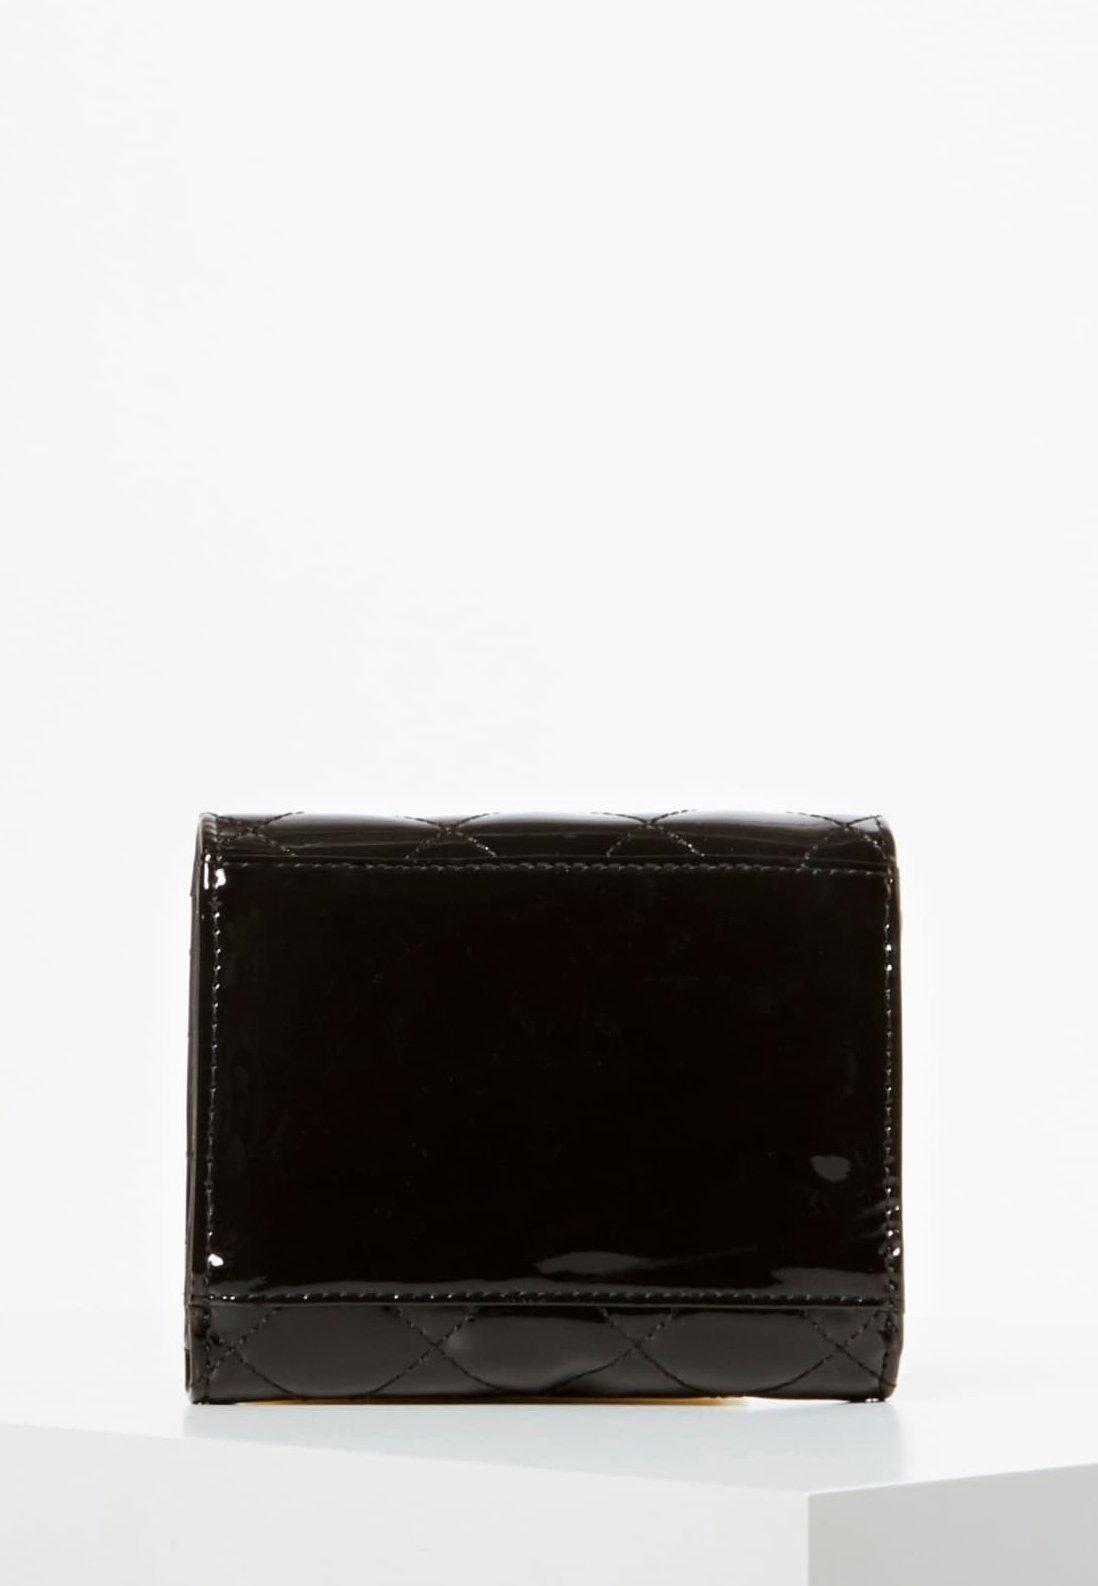 Guess Mini-portemonnaie Melise Lackoptik - Geldbörse Schwarz